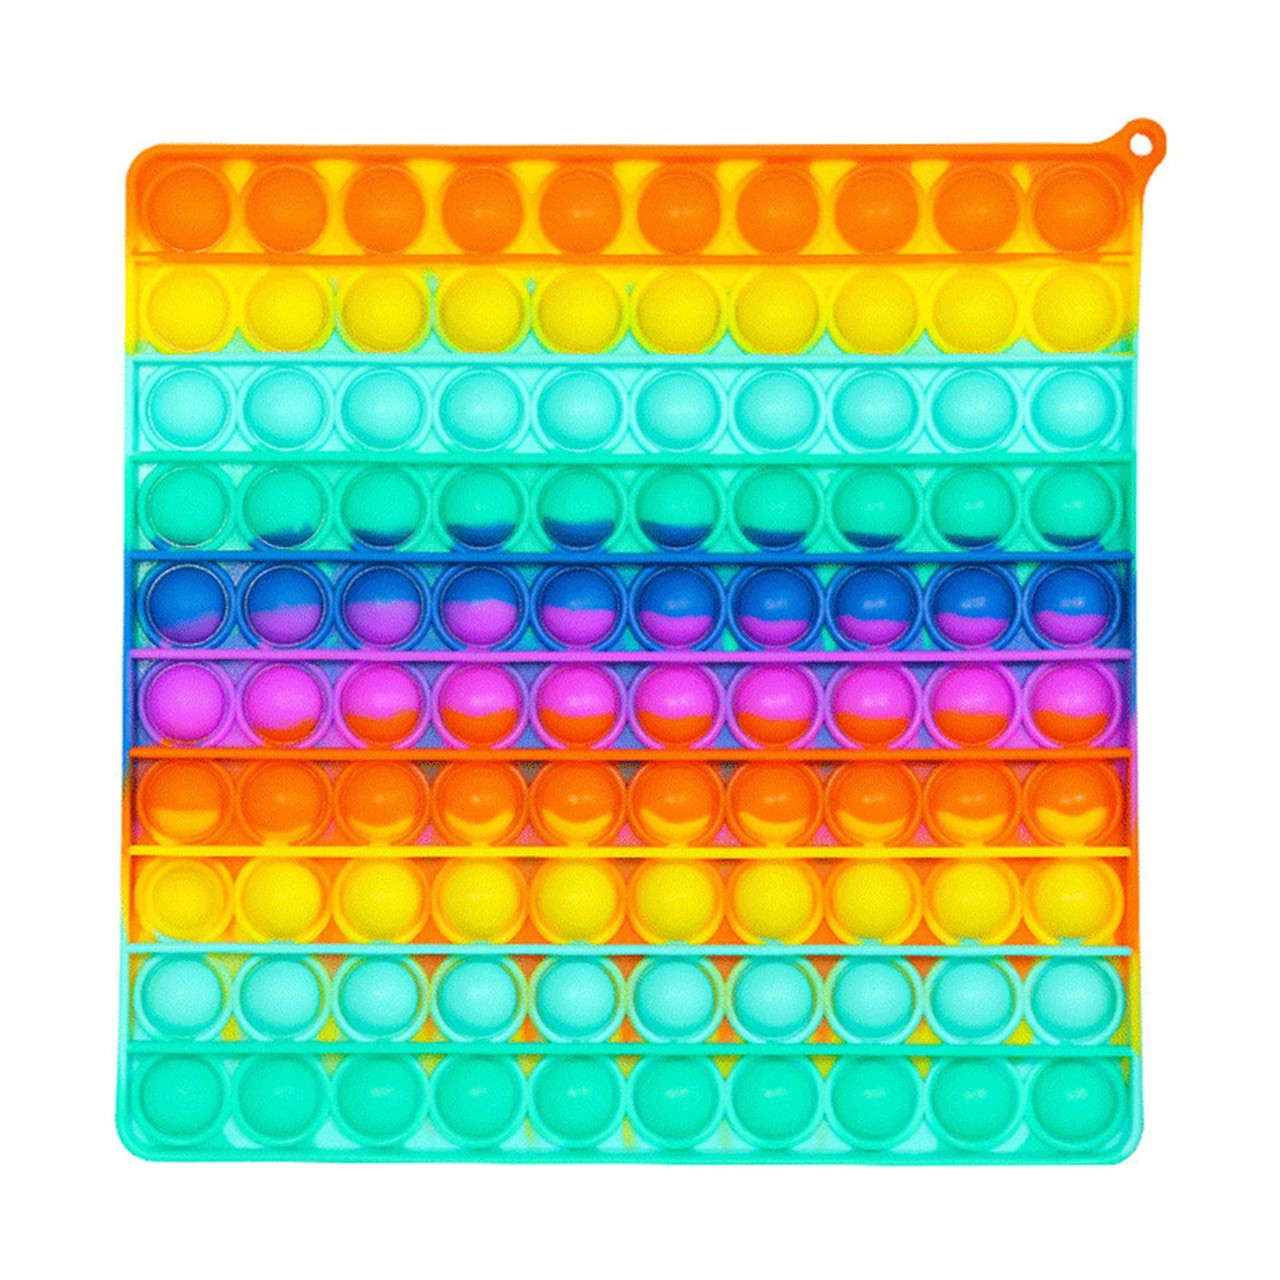 Сенсорная силиконовая игрушка пупырка антистресс поп ит фиджет квадрат большой радужный